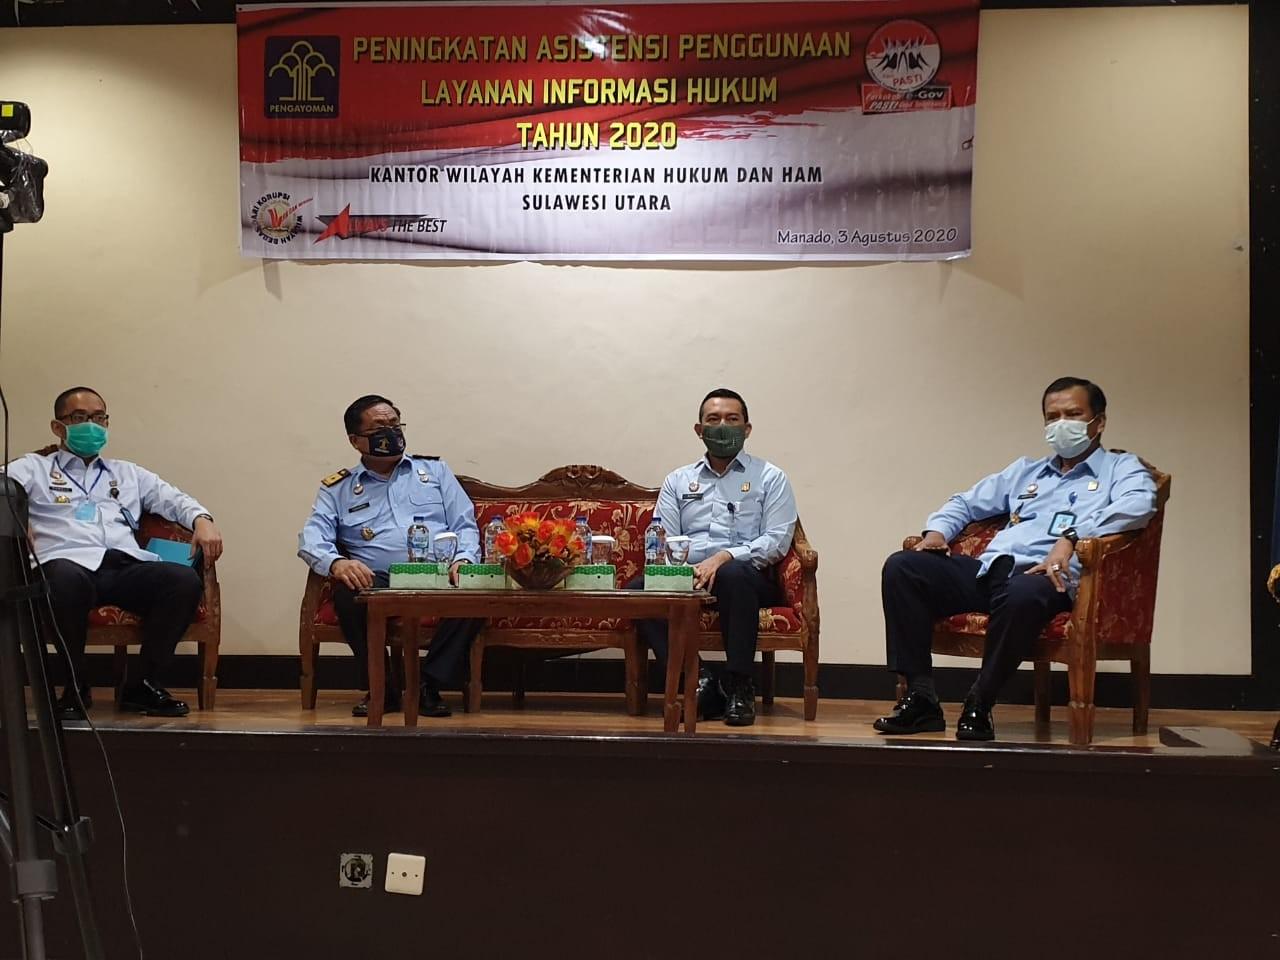 Kantor Wilayah Kemenkumham Provinsi Sulut gelar kegiatan Peningkatan Asistensi Penggunaan Layanan In